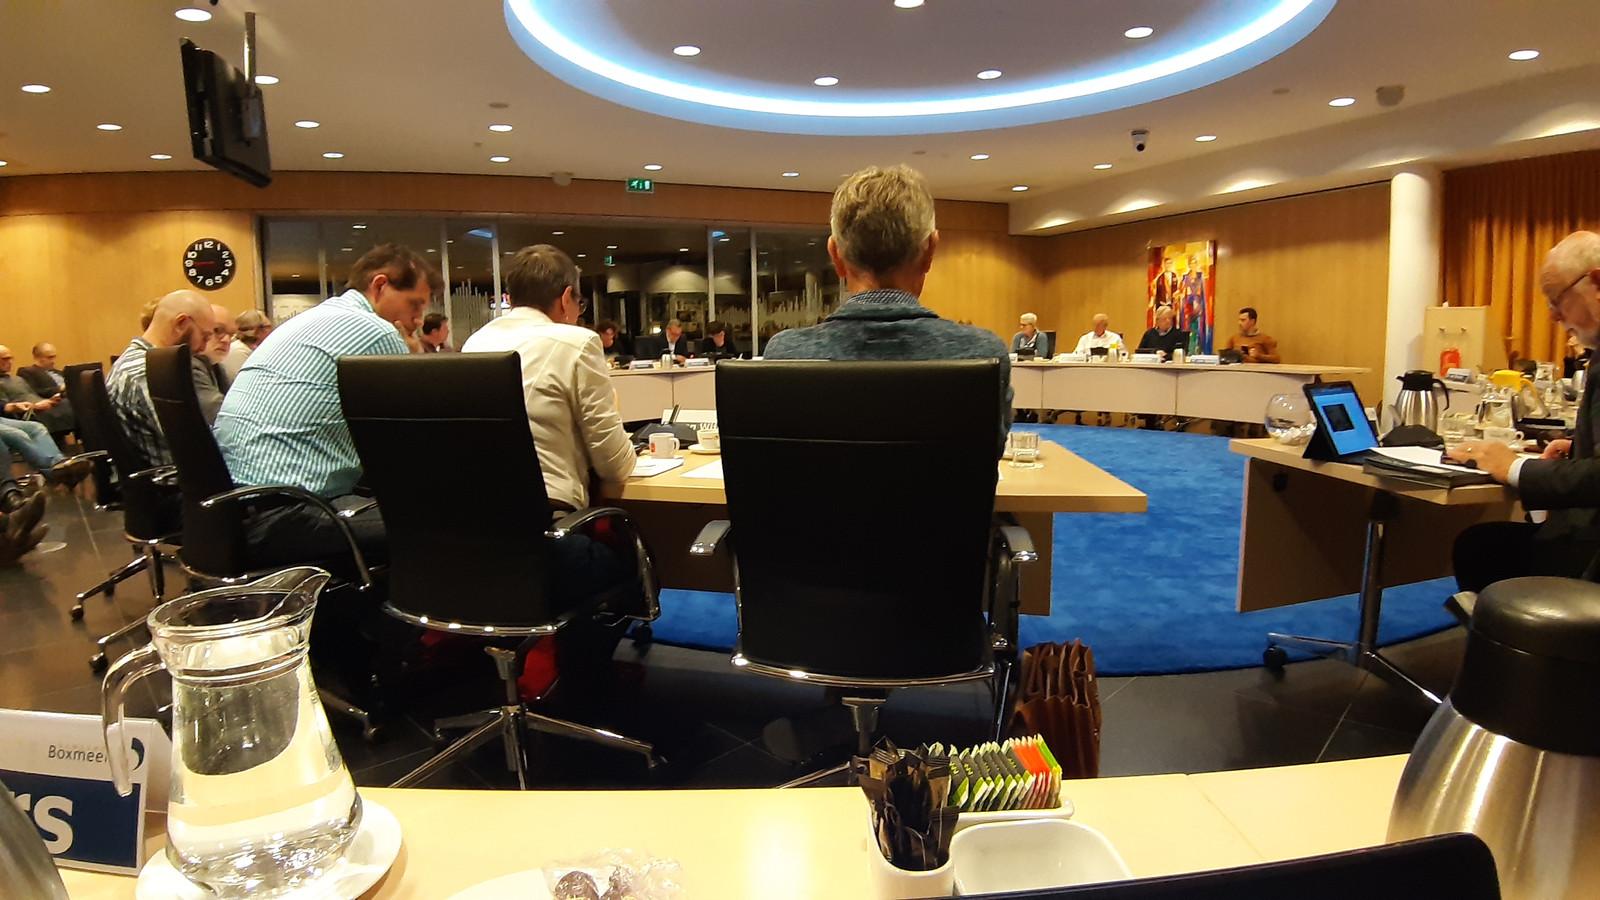 De raad van Boxmeer tijdens een eerdere vergadering. Fysiek in de raadszaal.